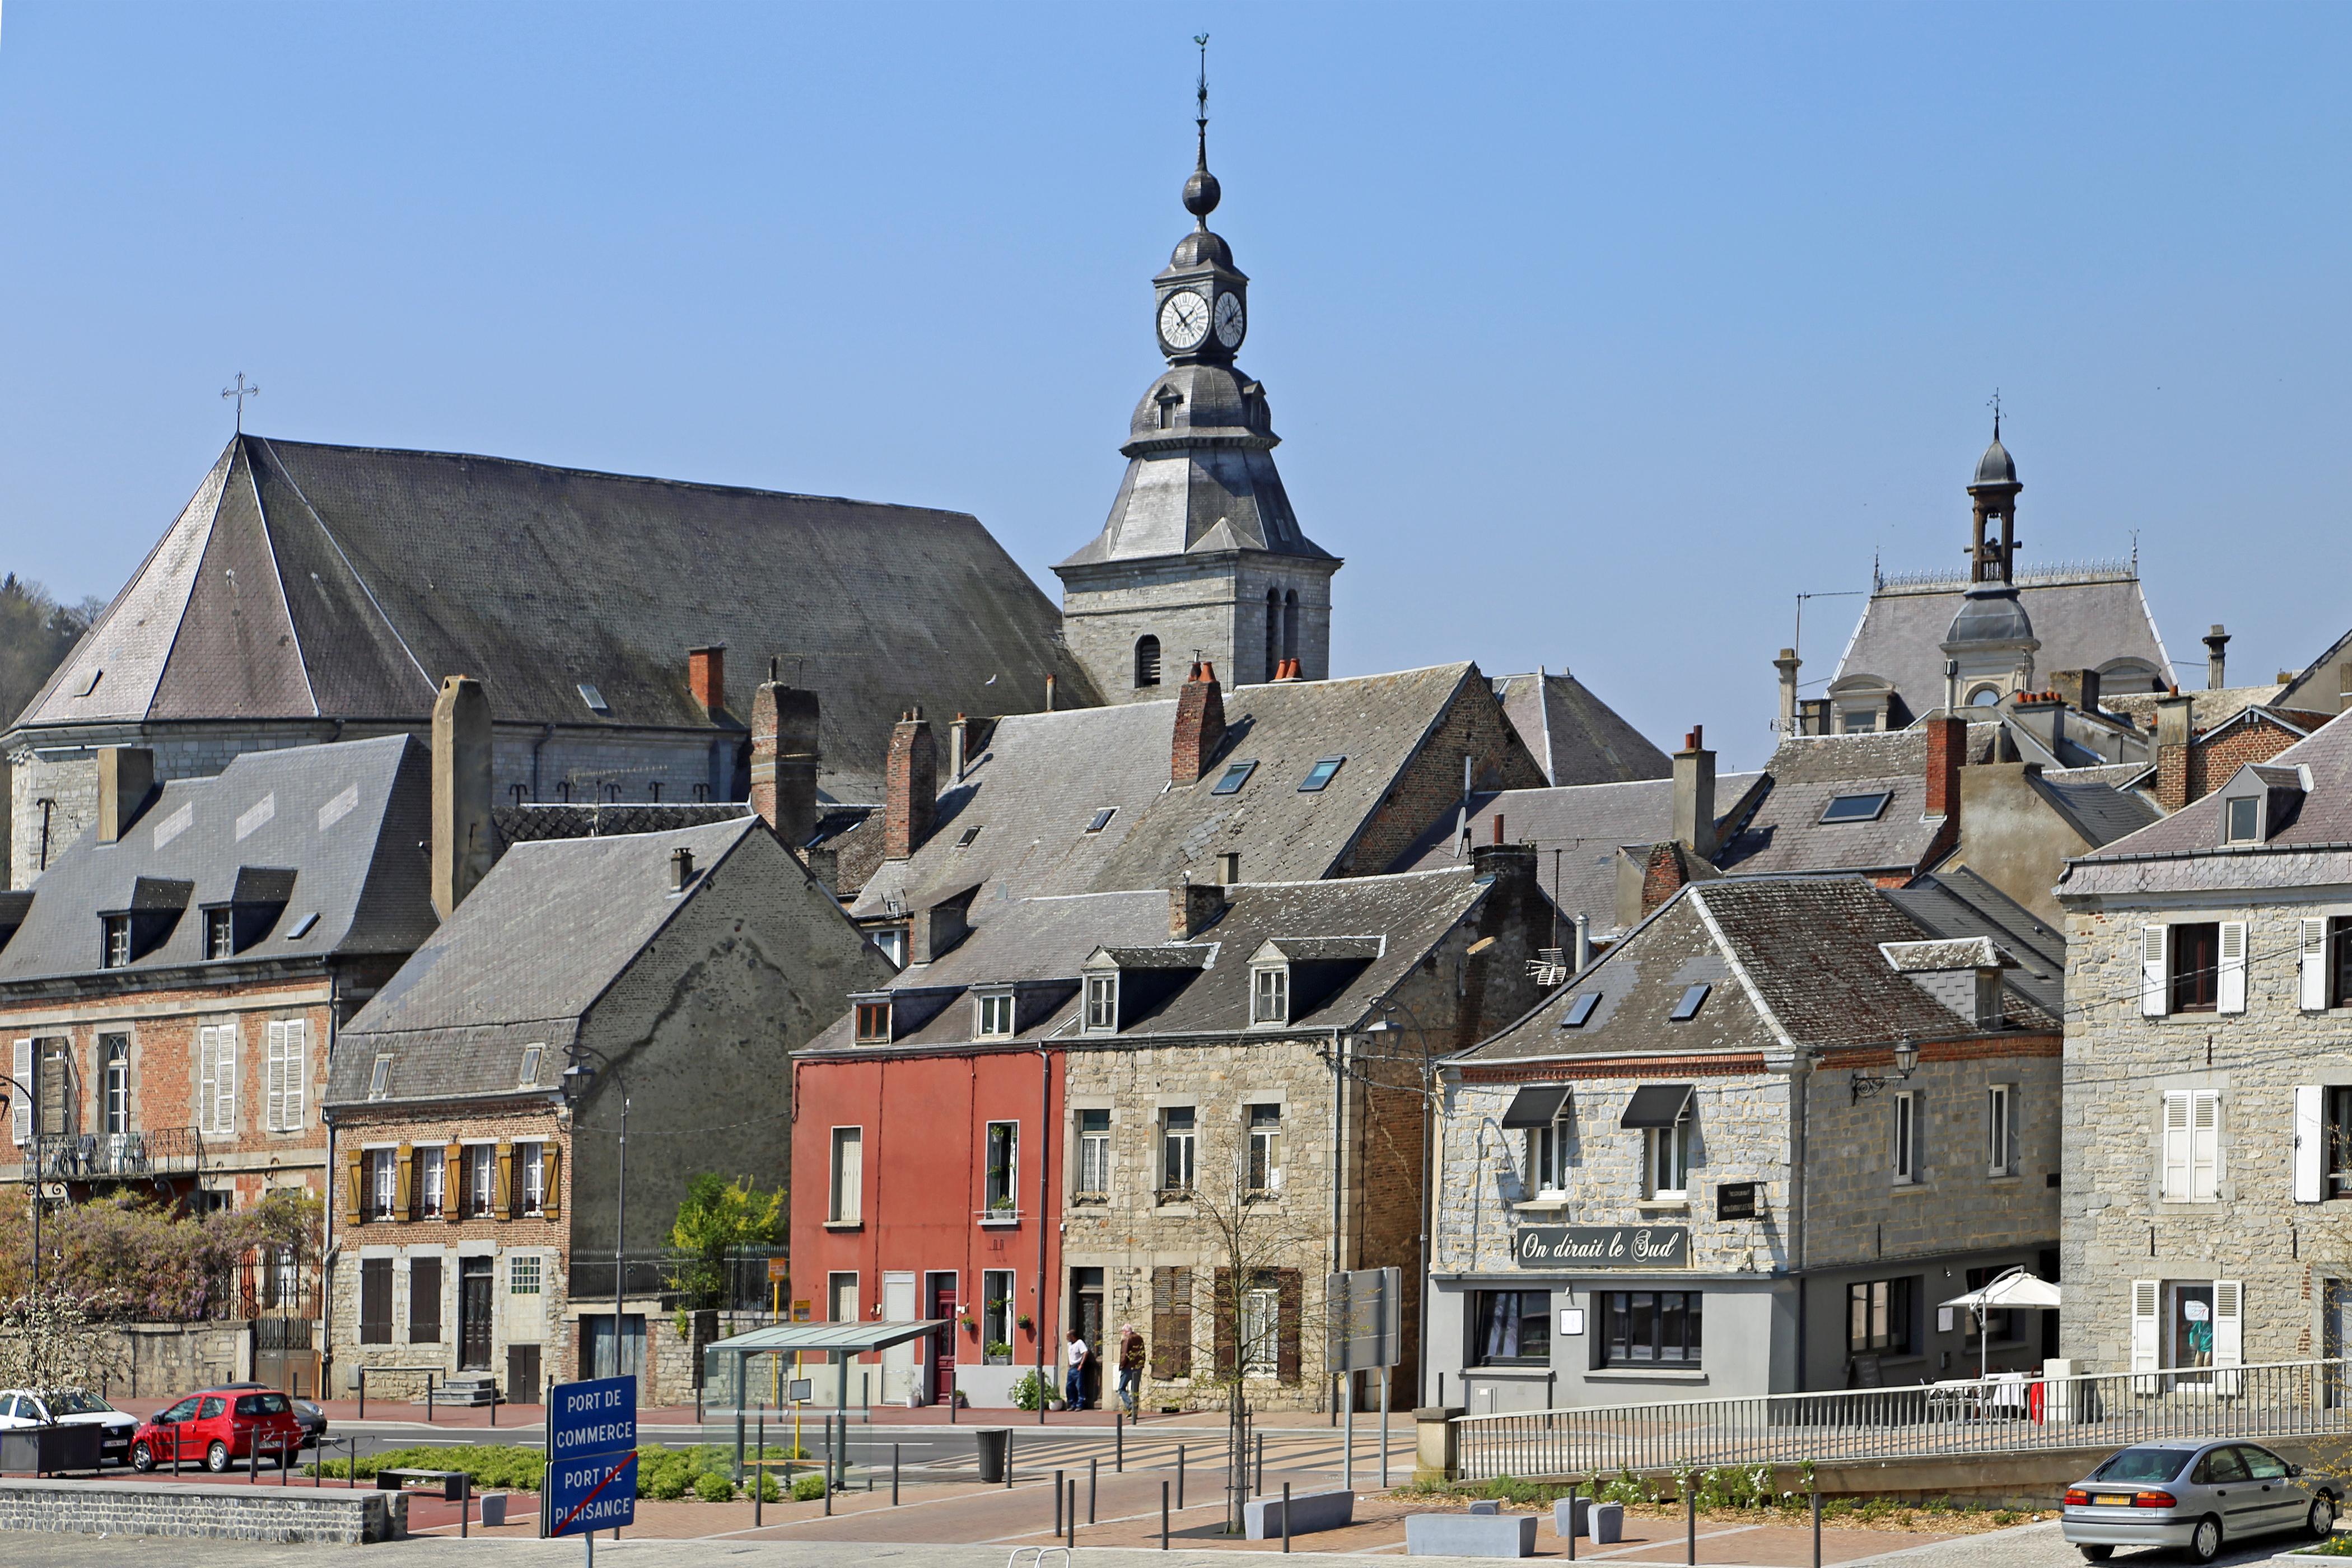 File:00 2269 Givet (Ardennes, France).jpg